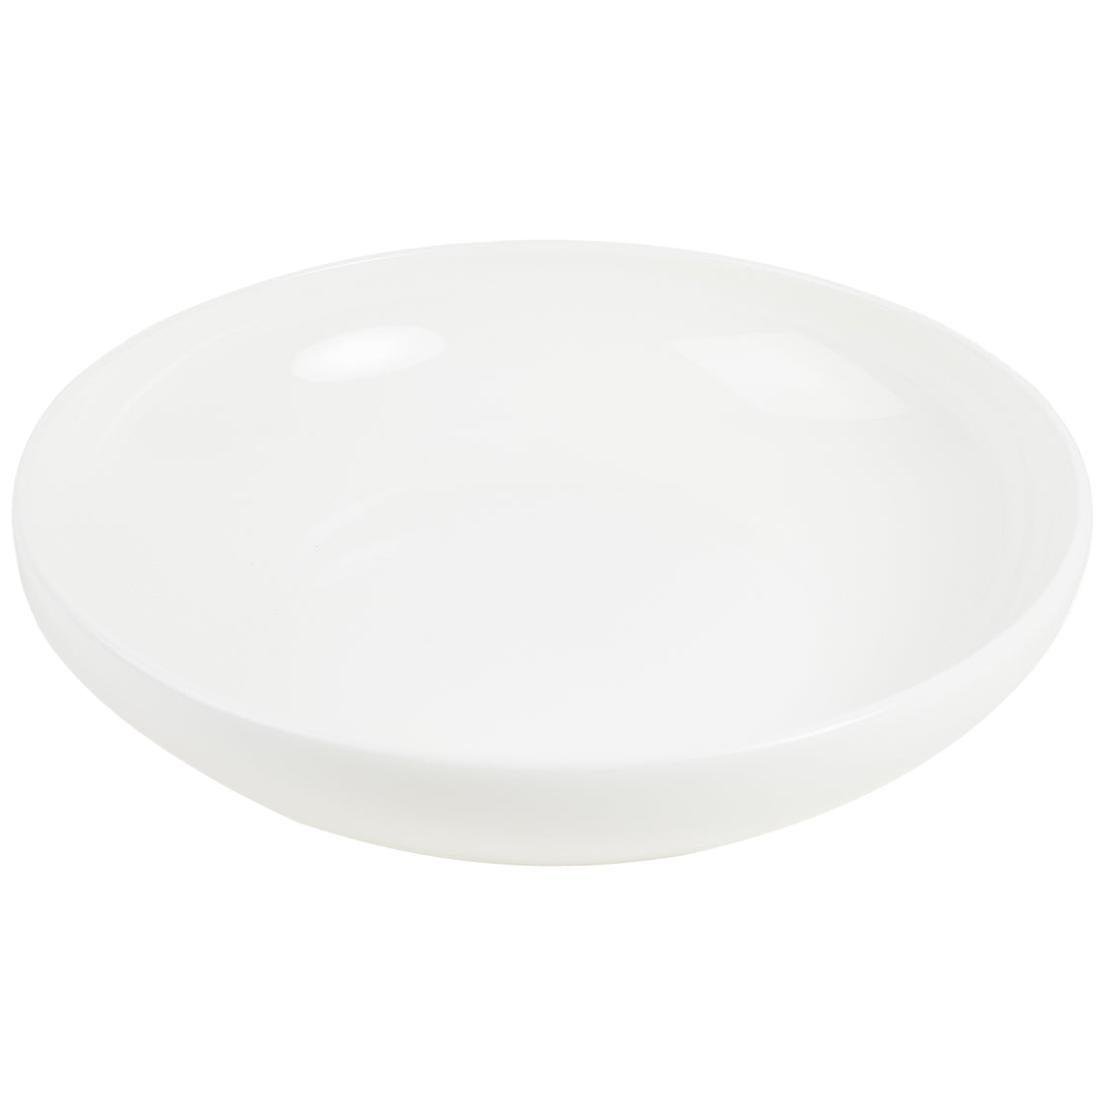 White Fine Bone China Pasta Bowl